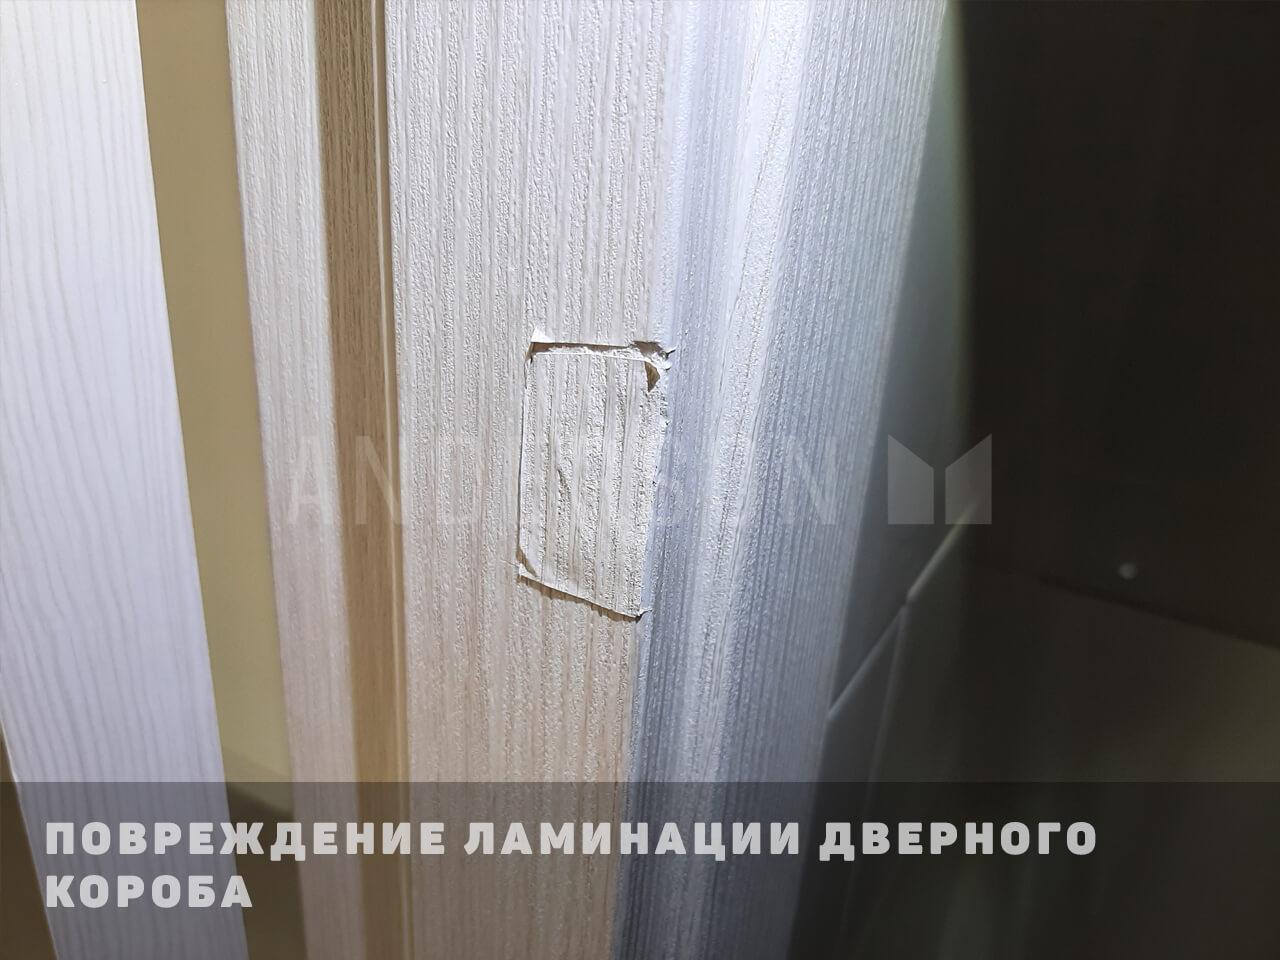 повреждение ламинации дверного короба